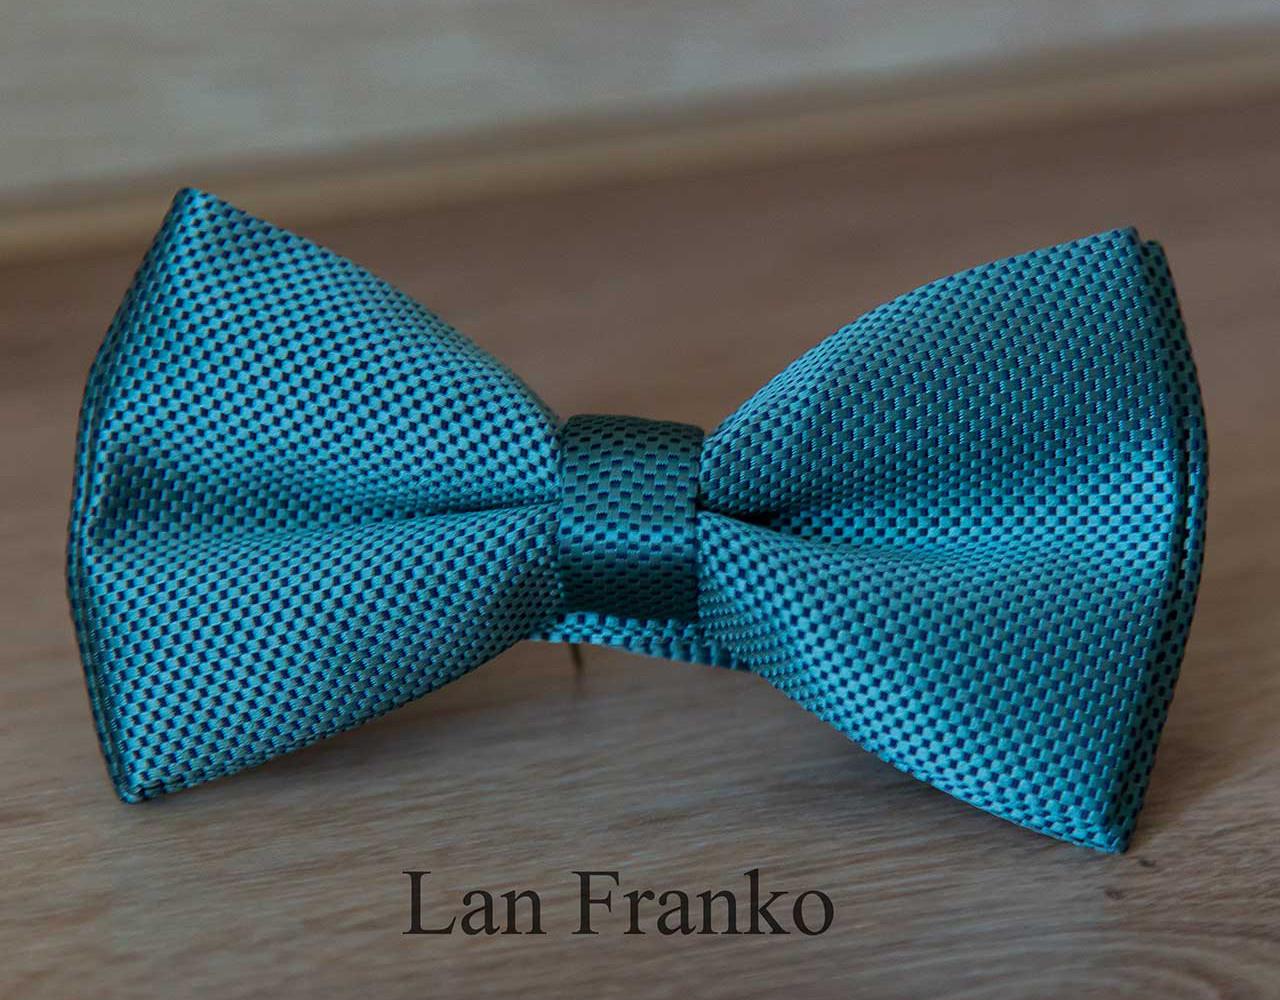 бабочка мужская с рисунком оптом, бабочка мужская, галстук бабочка  киев, галстук бабочка  Одесса, галстук бабочка  Харьков, купить галстук бабочку